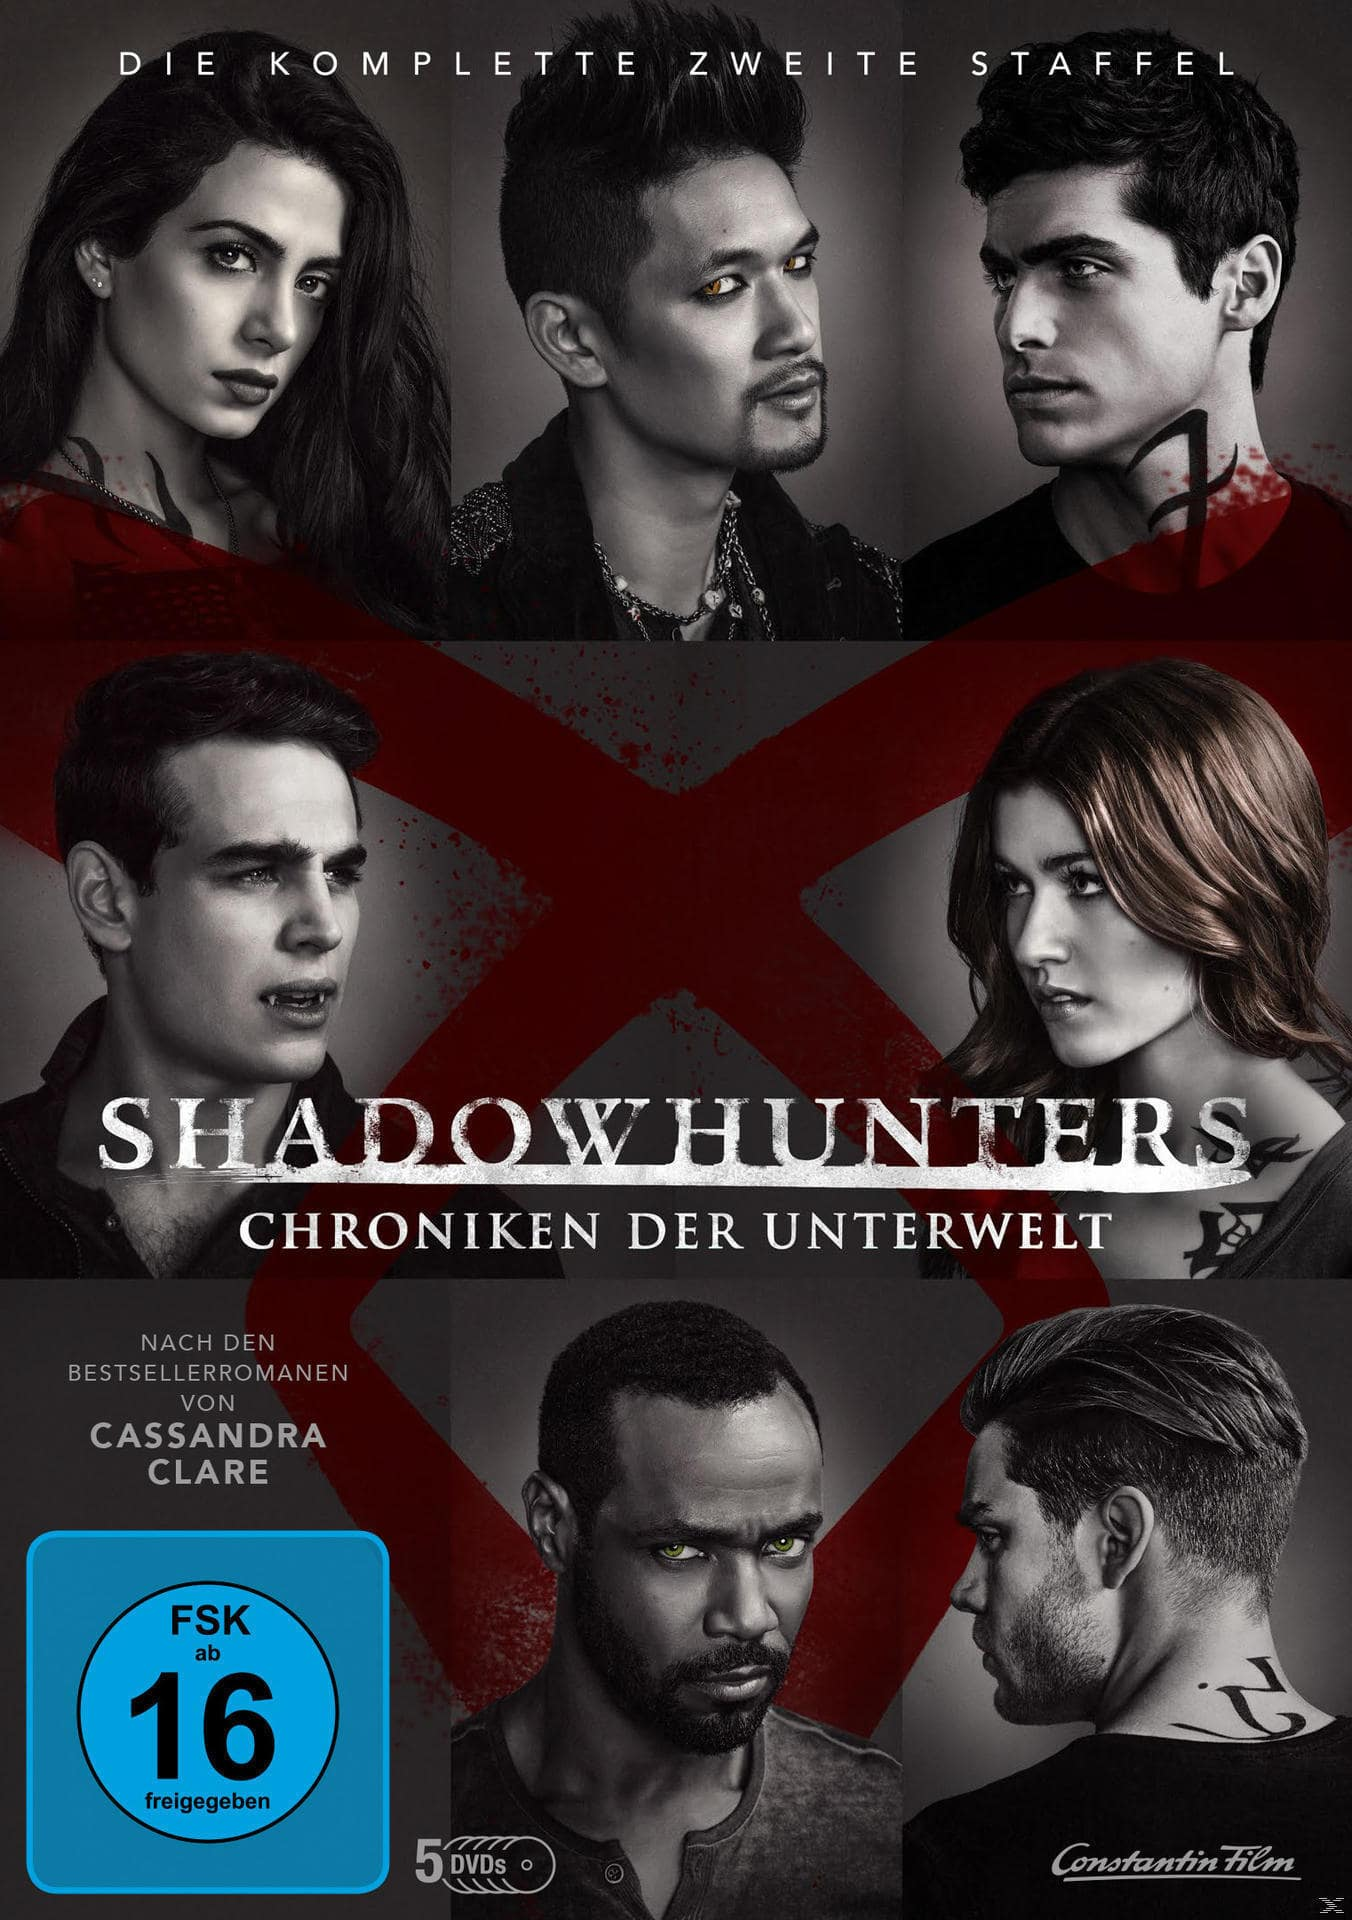 Shadowhunters - Chroniken der Unterwelt - Staffel 2 DVD-Box (DVD) für 23,46 Euro